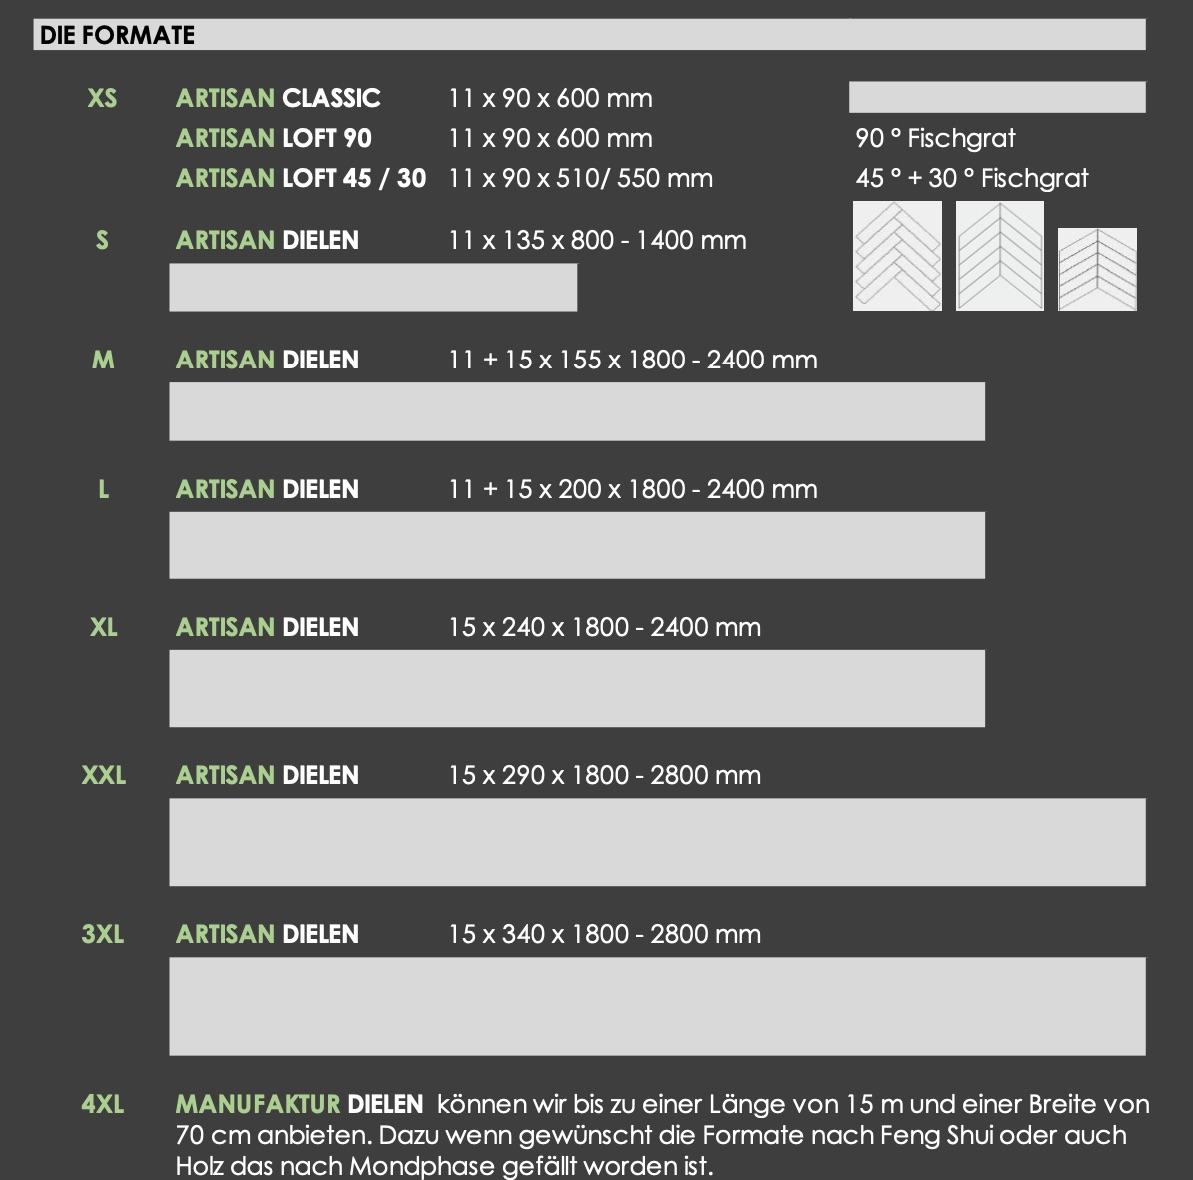 Naturehome Edition | Die Formate für Interior Design